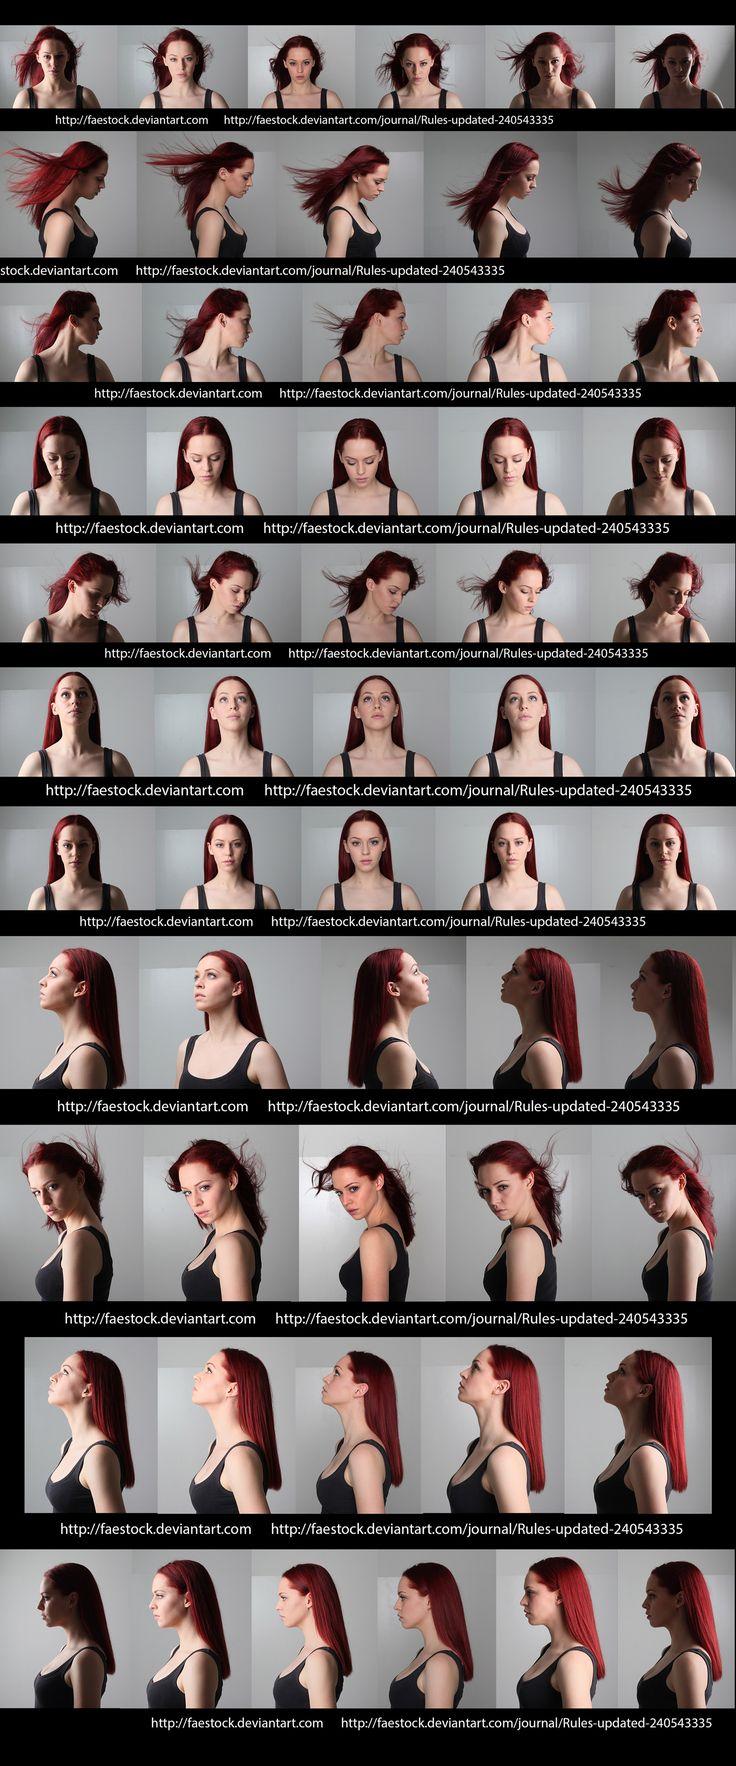 Female face angles & lighting reference. http://faestock.deviantart.com/